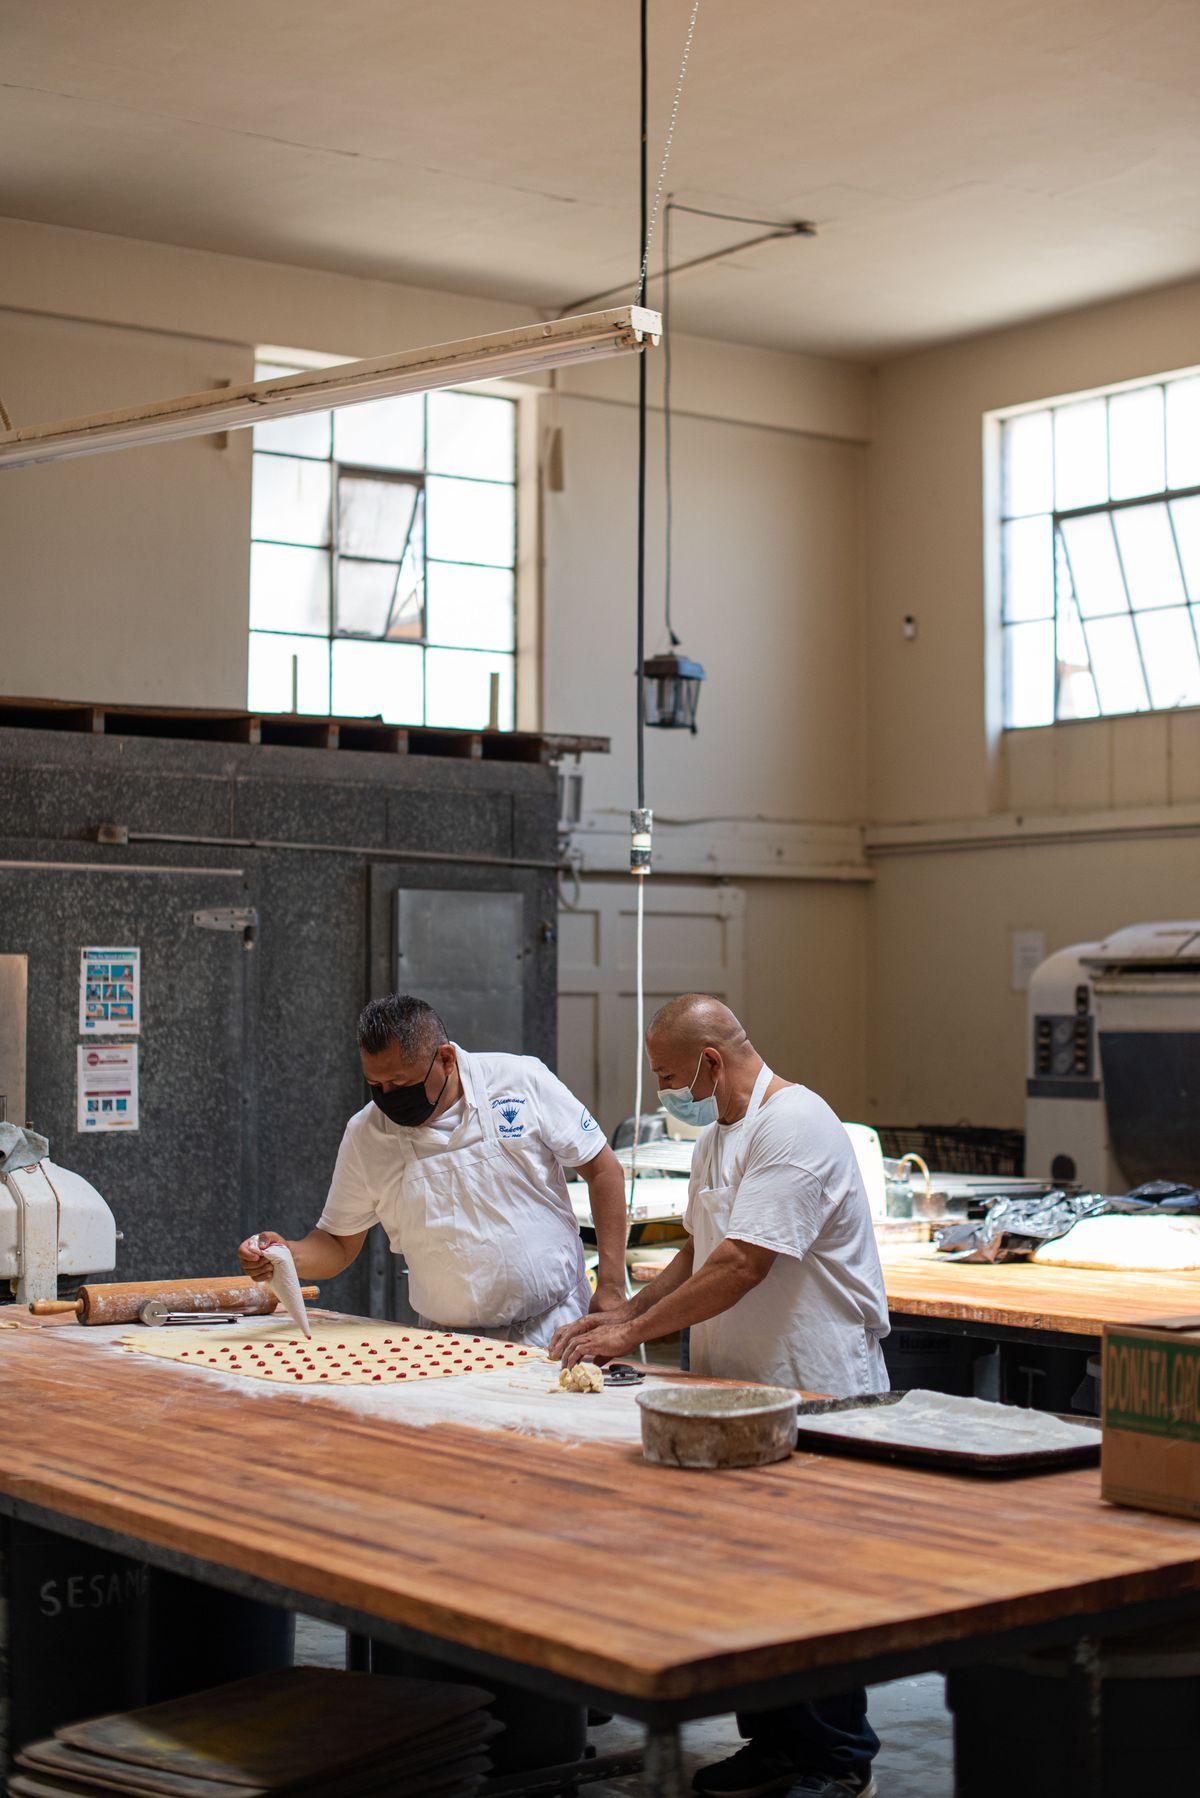 Hai công nhân chuẩn bị bánh ngọt Do Thái bên trong một tiệm bánh âm u, đổ bột nhuyễn vào bánh ngọt.